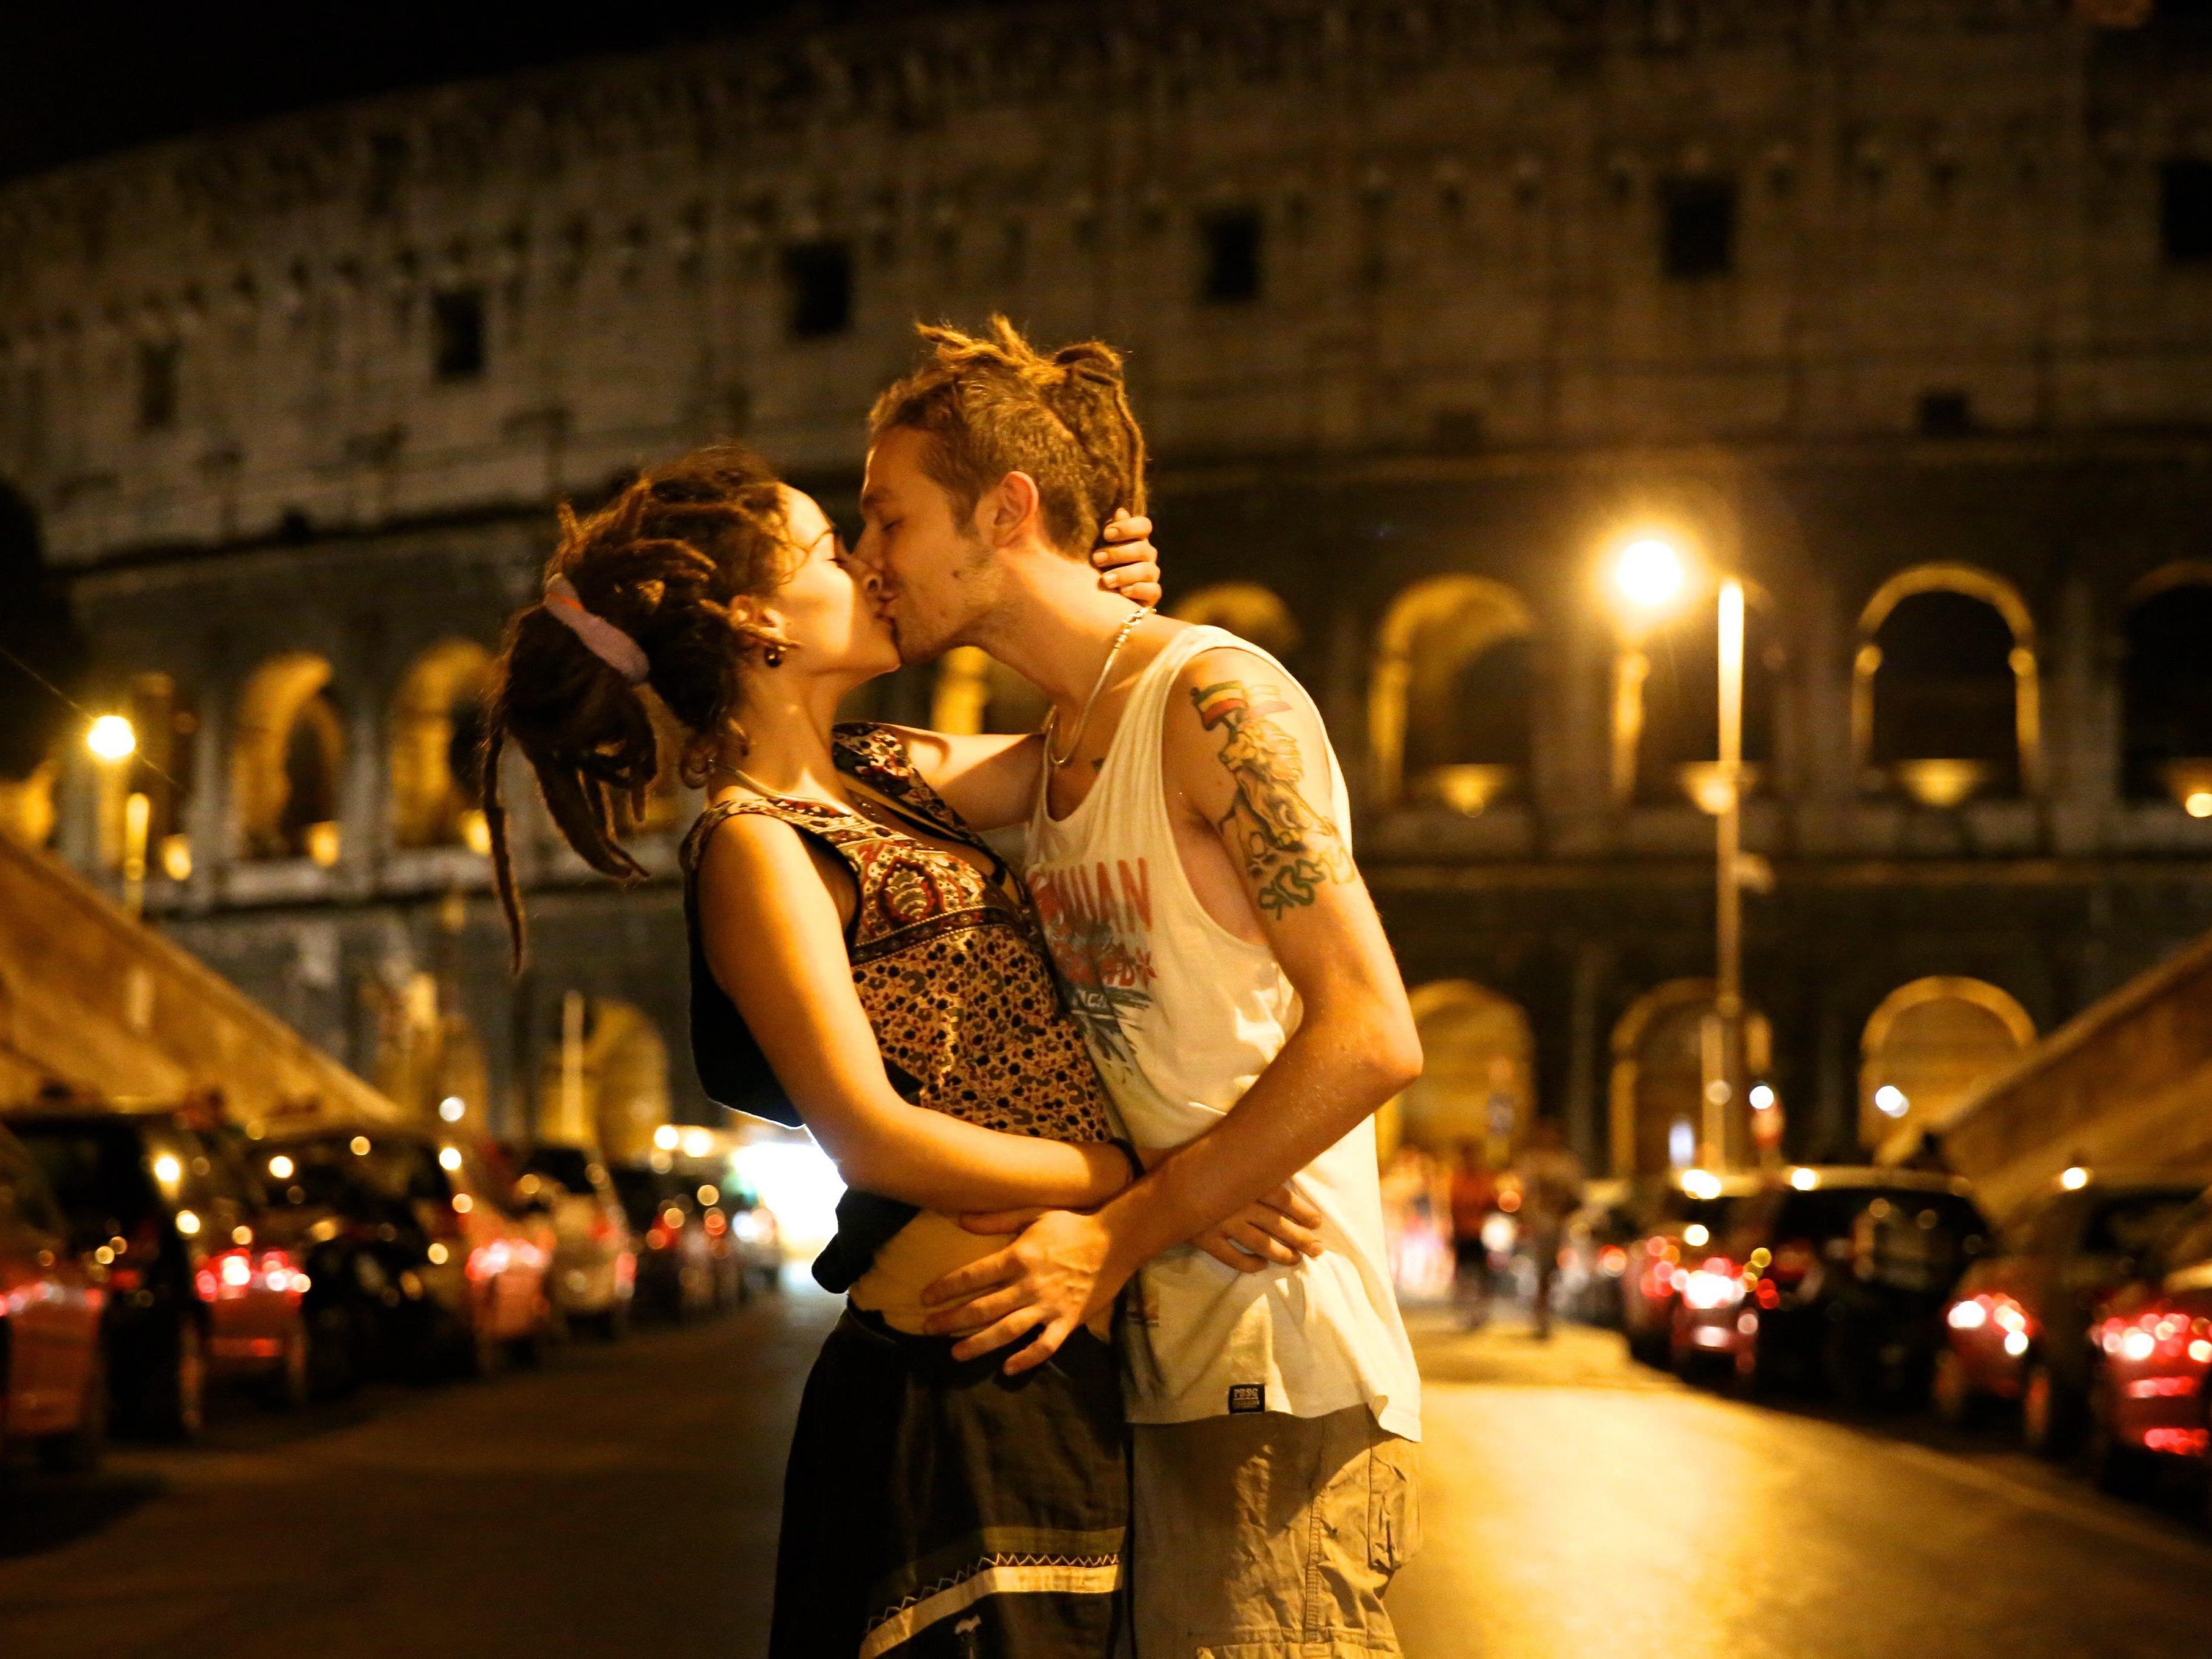 Liebe ist das schönste auf der Welt.